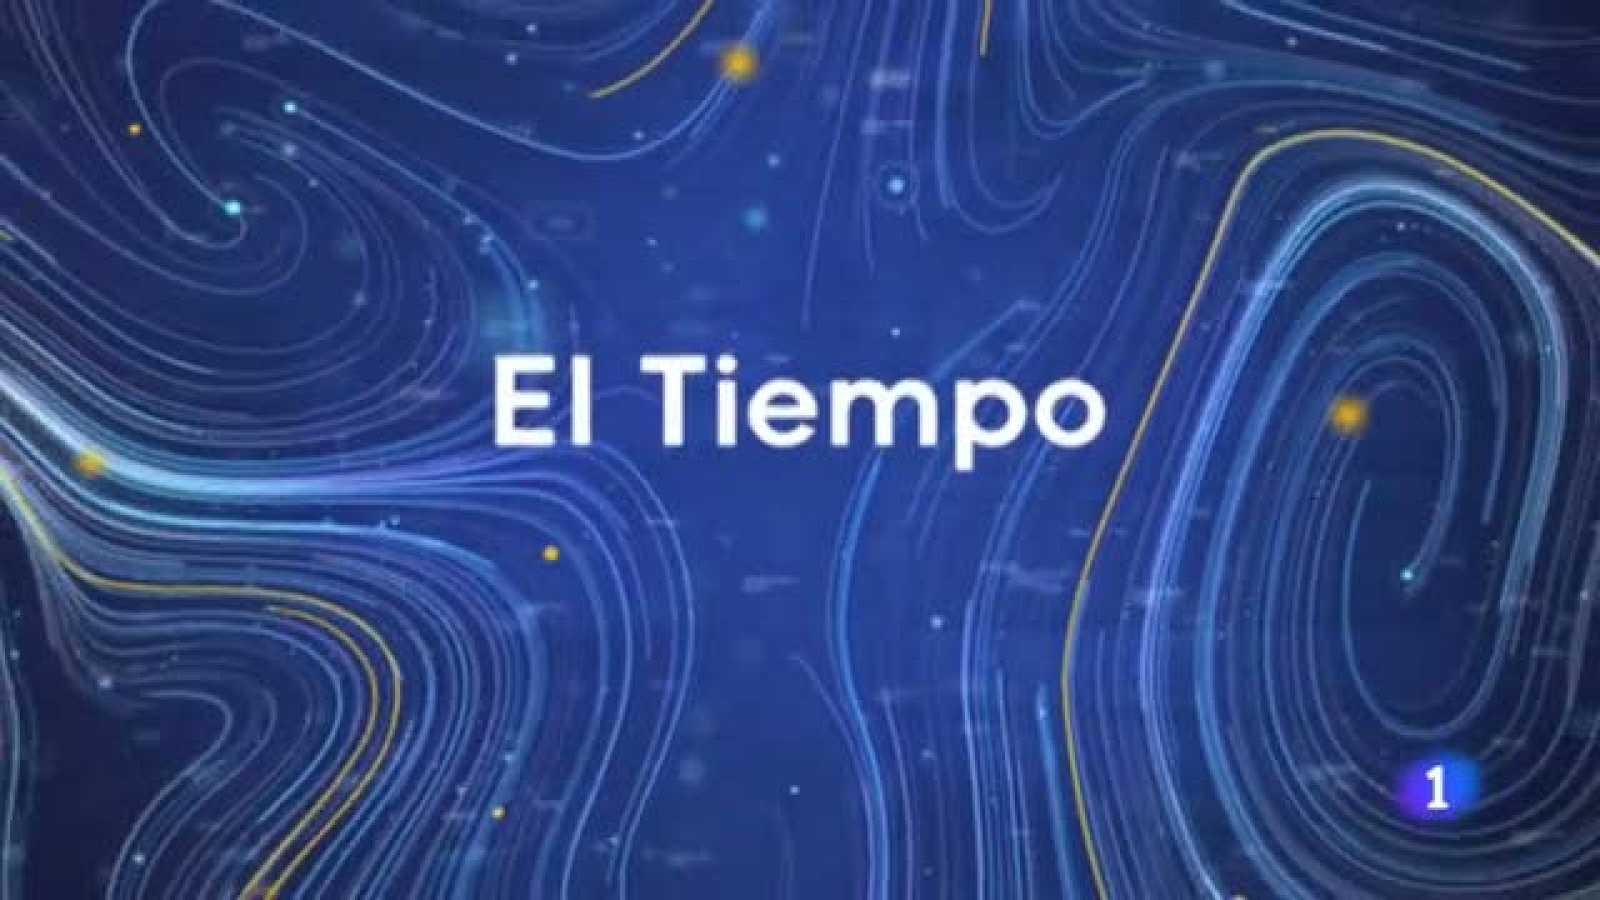 El tiempo en Castilla y León - 24/03/21